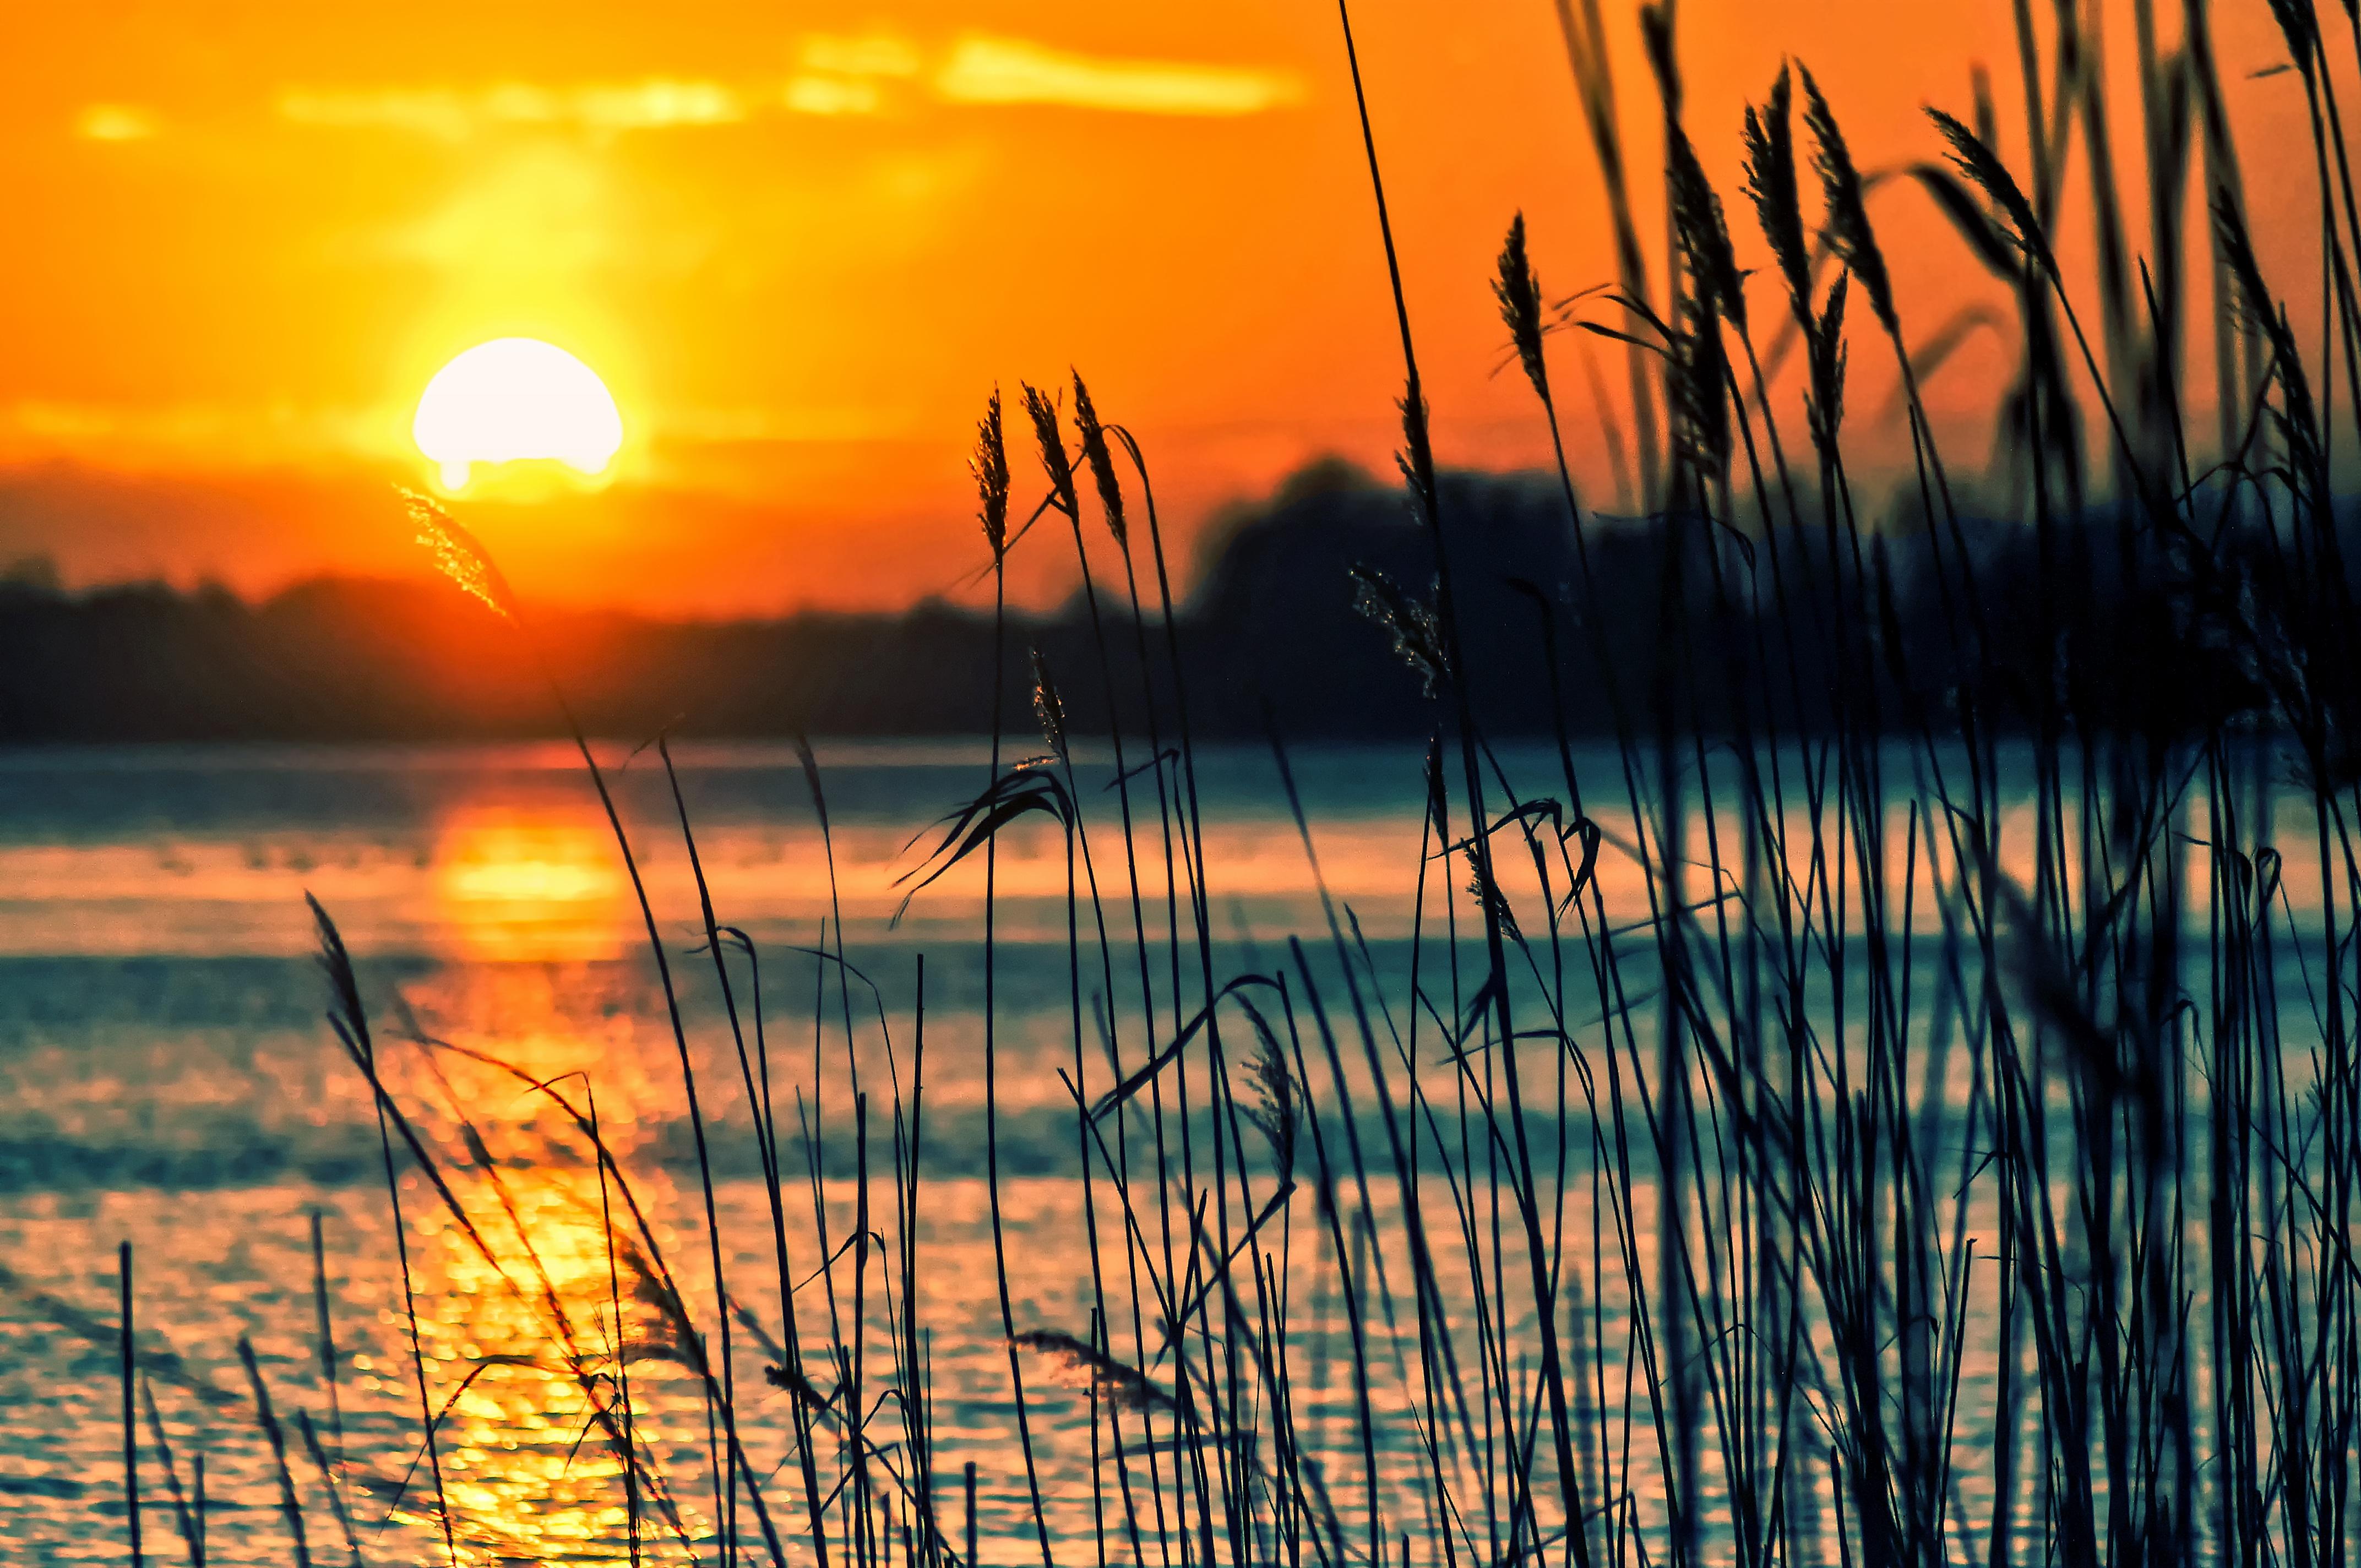 закат озеро небо трава  № 3878841 бесплатно